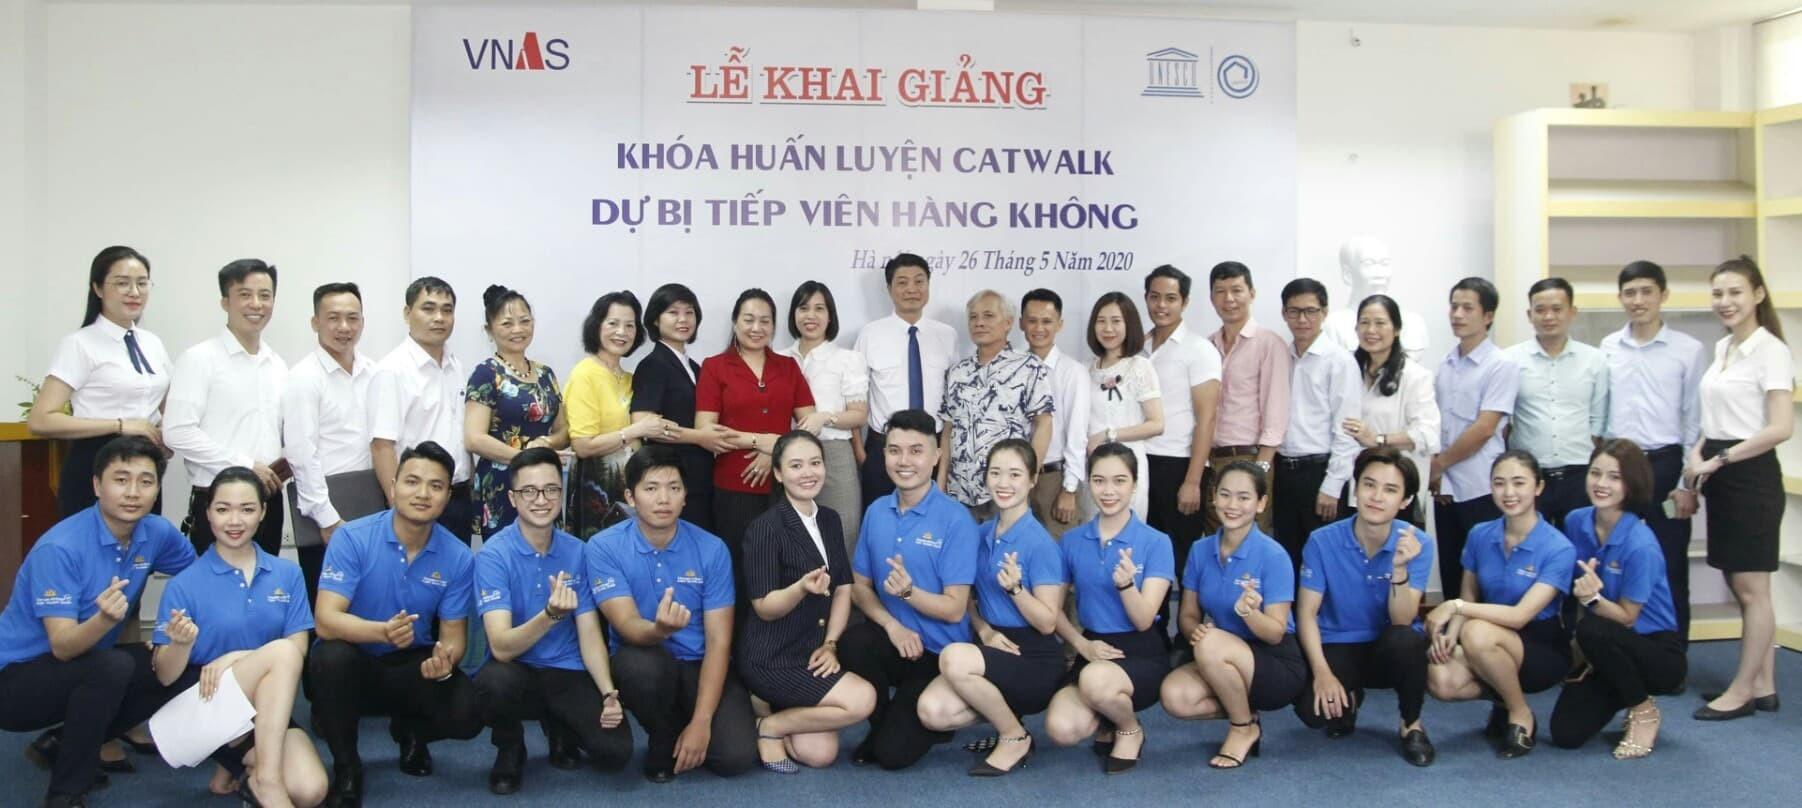 Khai giảng khóa huấn luyện catwalk dự bị Tiếp viên hàng không